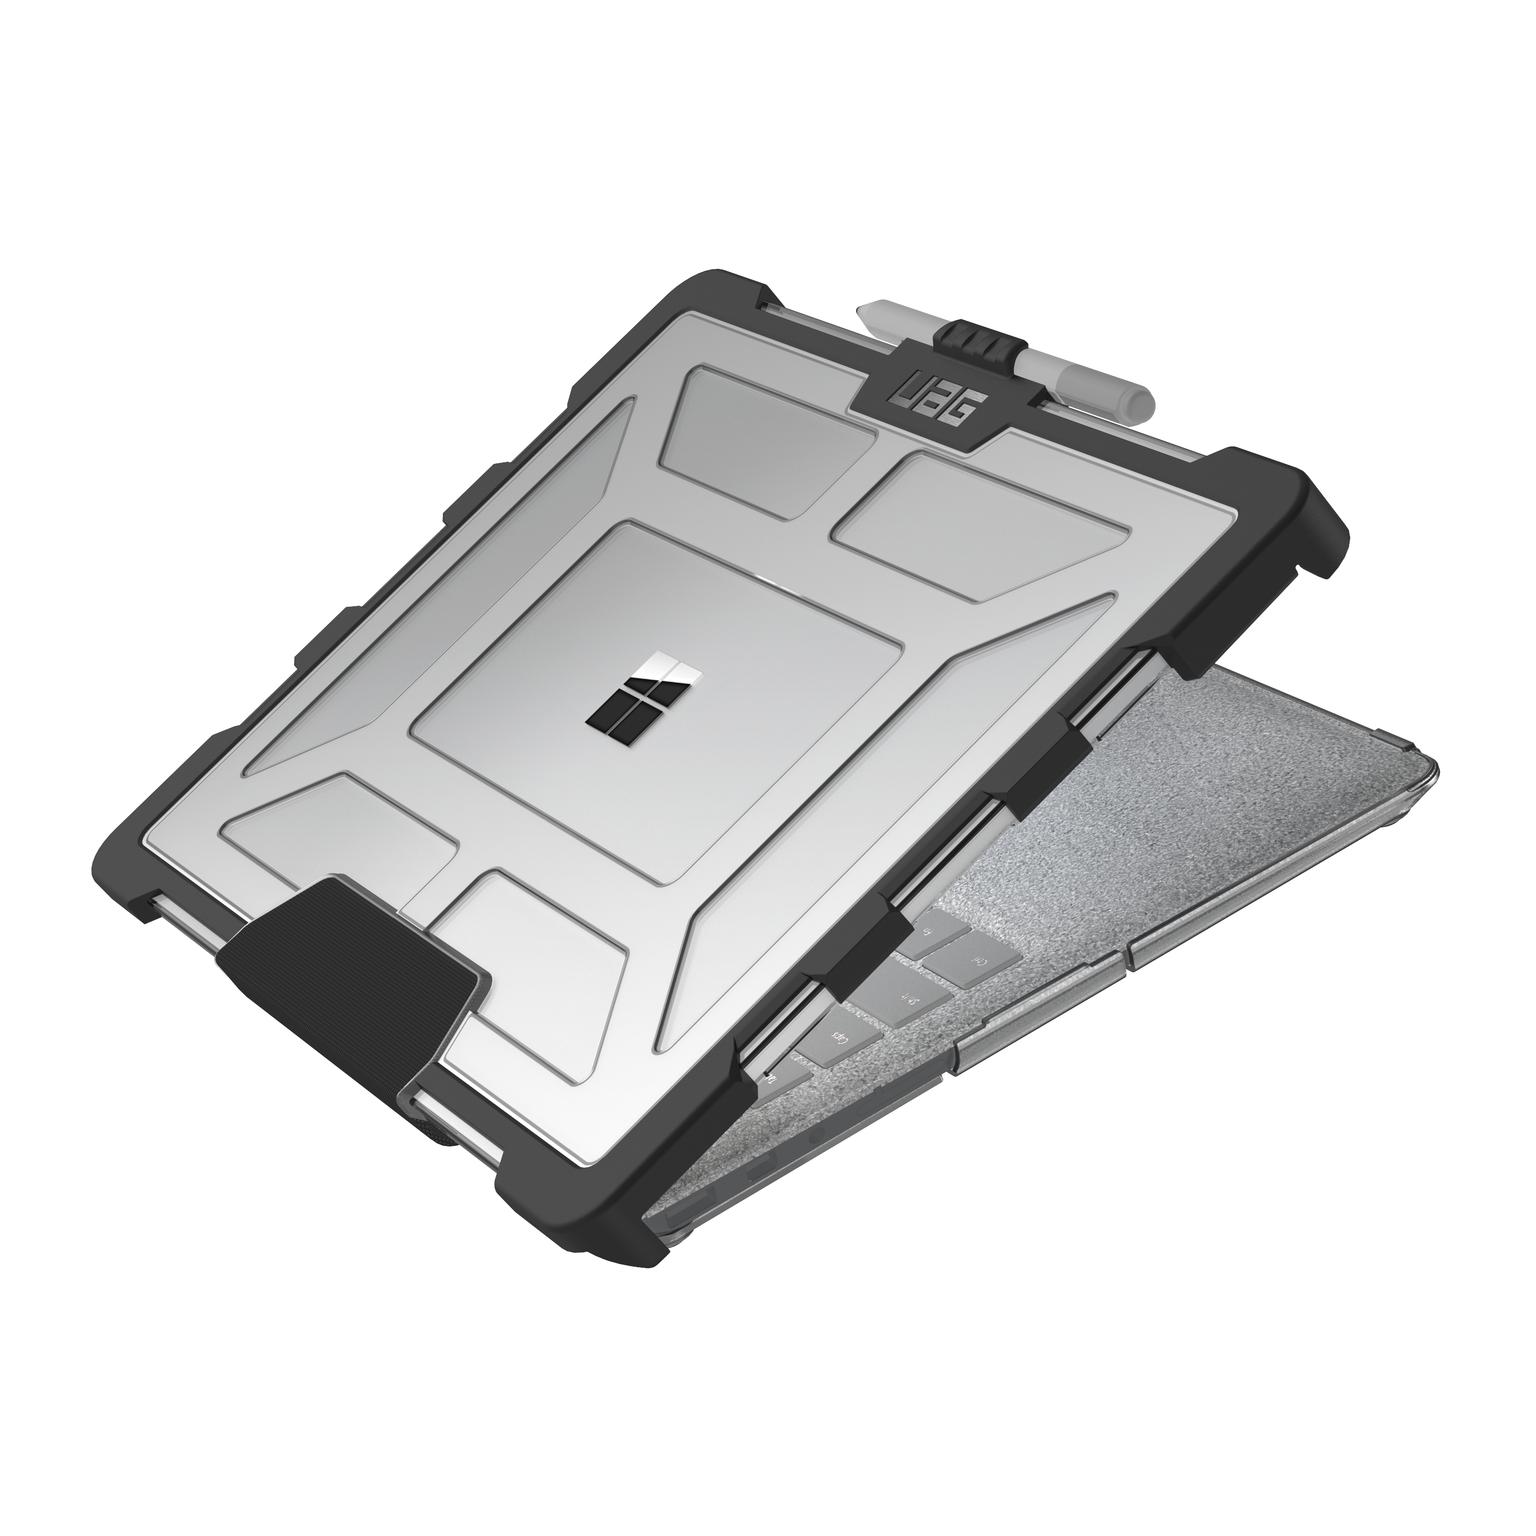 Pack 2 en 1 Coque renforcee Secure Surface LAPTOP 3 et 2 avec Verre de protection ecran